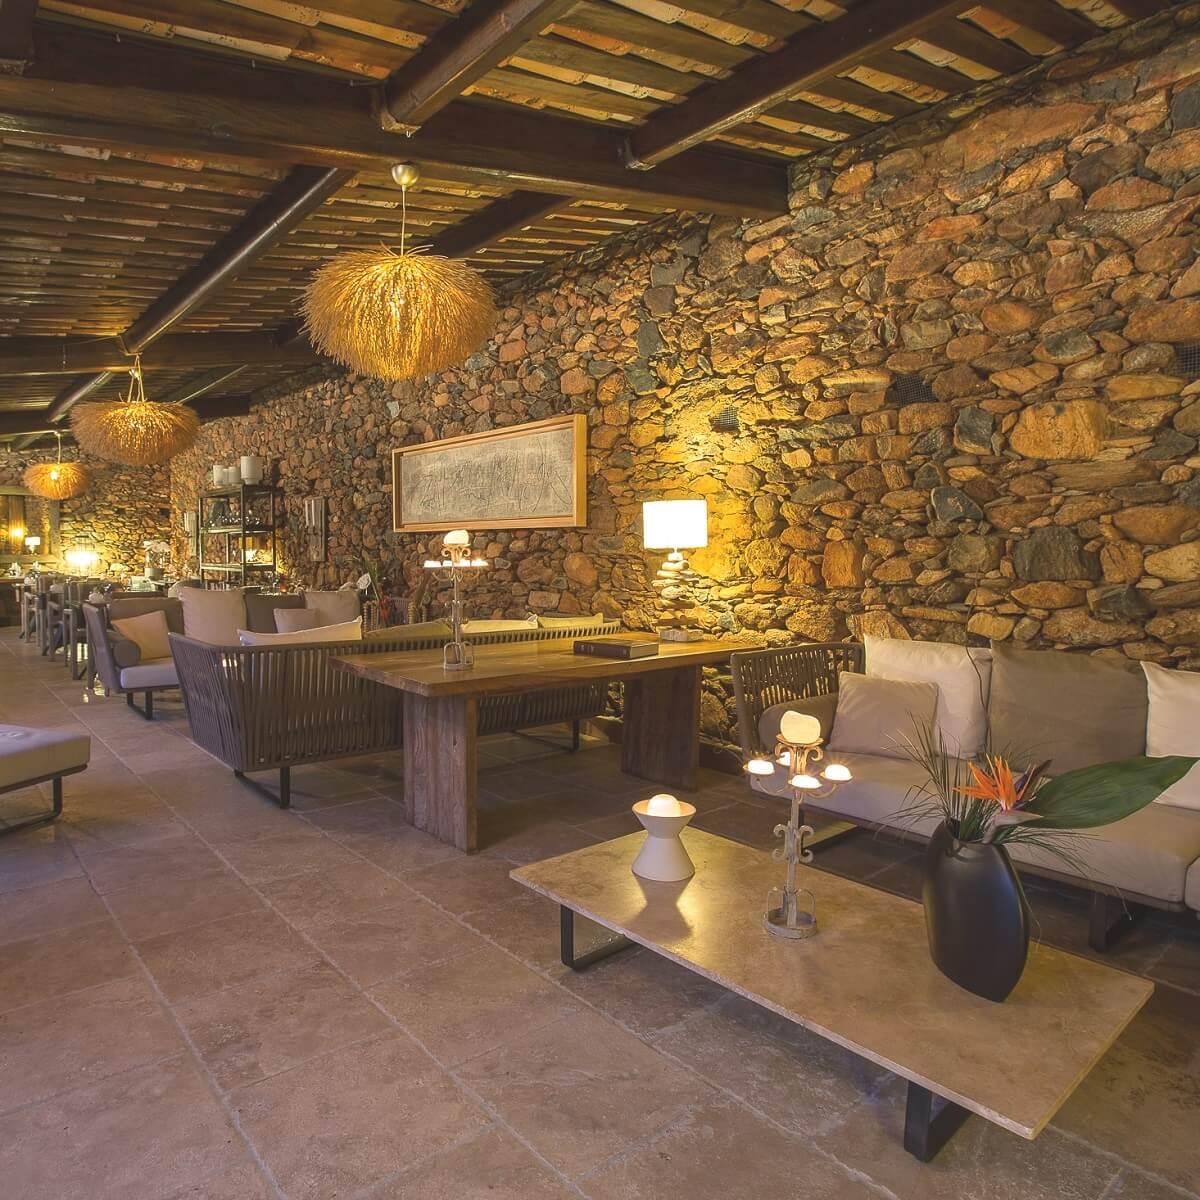 Pool House - Hôtel La Dimora - Oletta - Haute-Corse